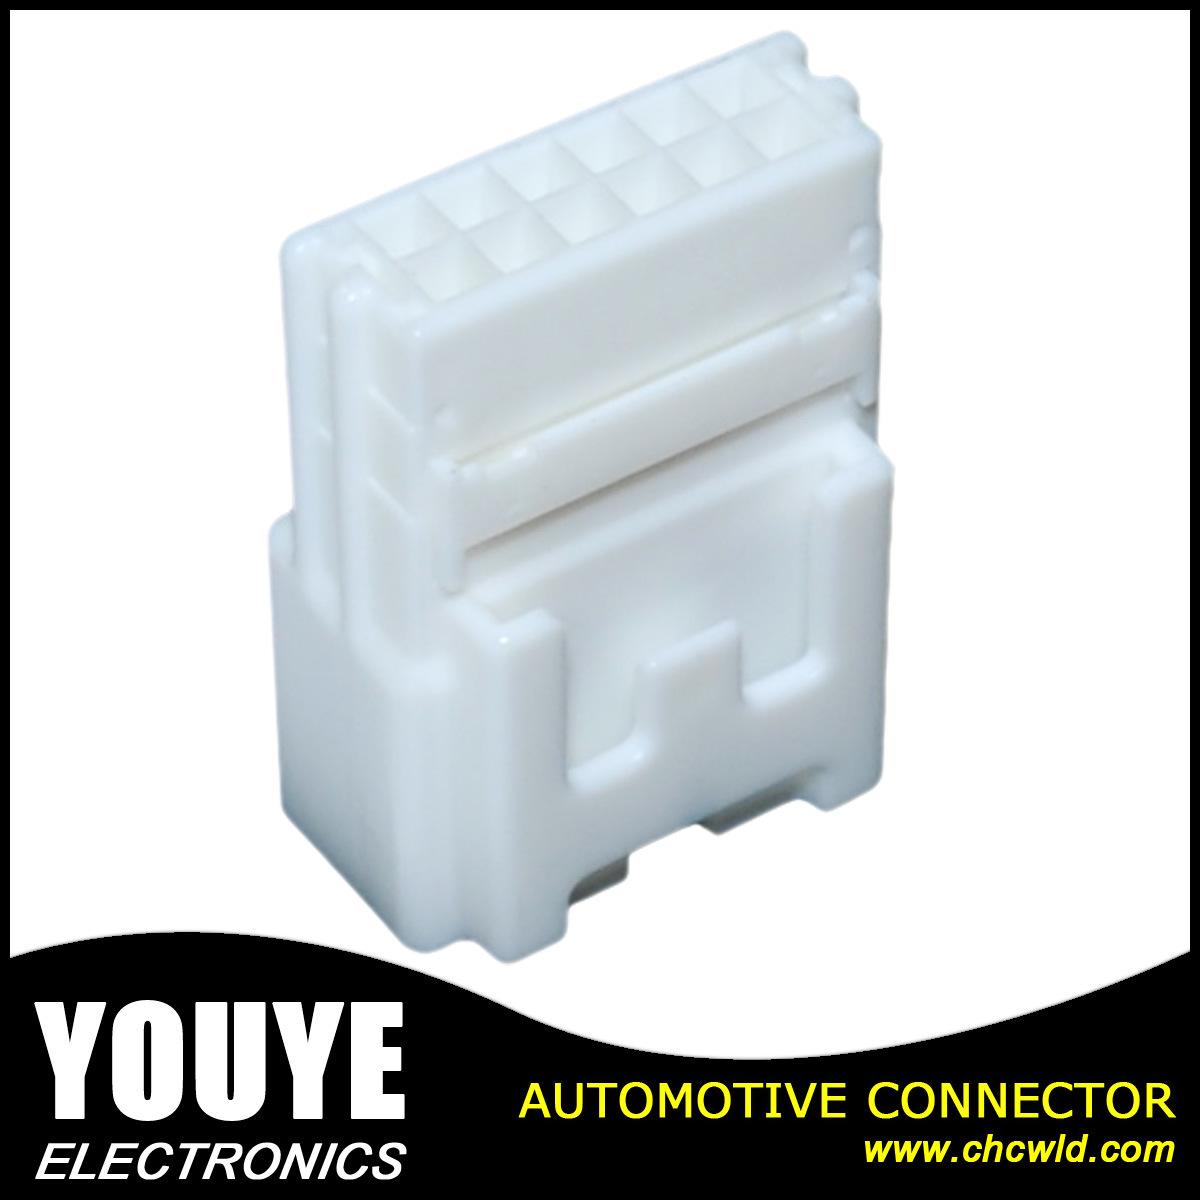 12 Pin Sumitomo Auto Male Connector 6098-5704